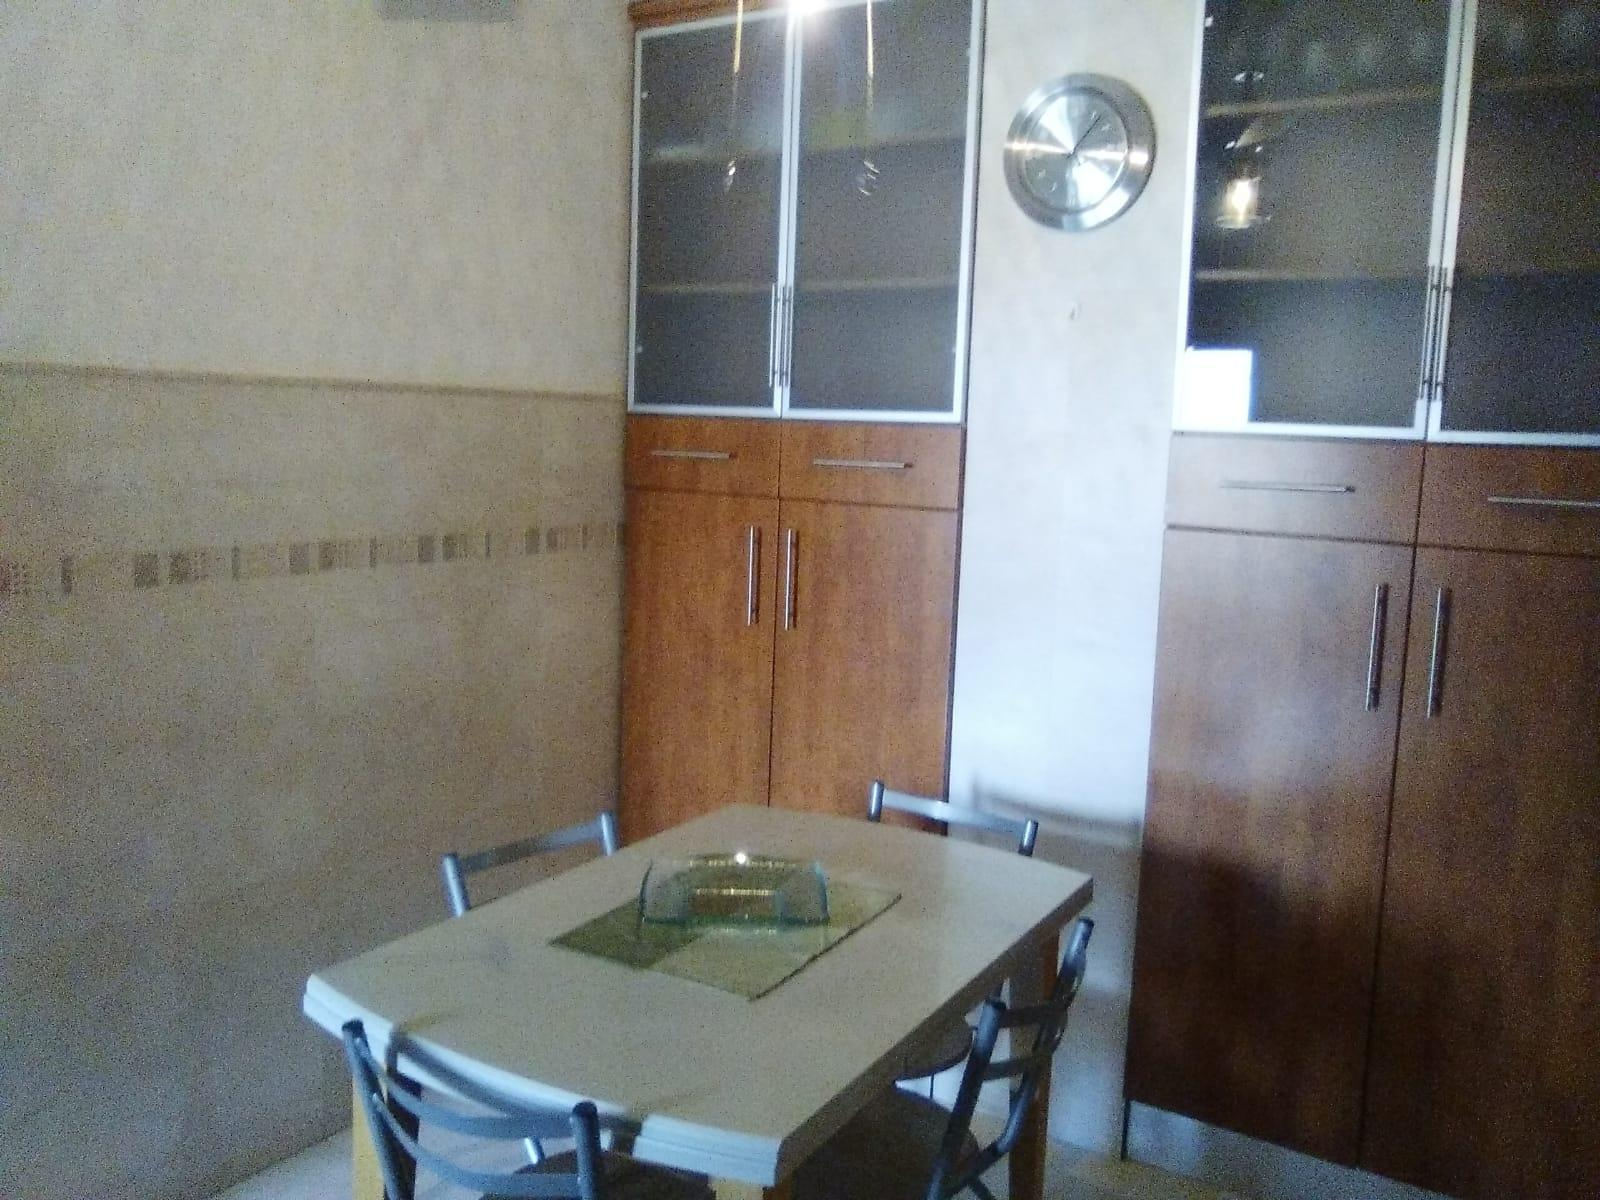 Flat for rent in Plaza de Toros-Doctores-San Lázaro (Granada), 950 €/month